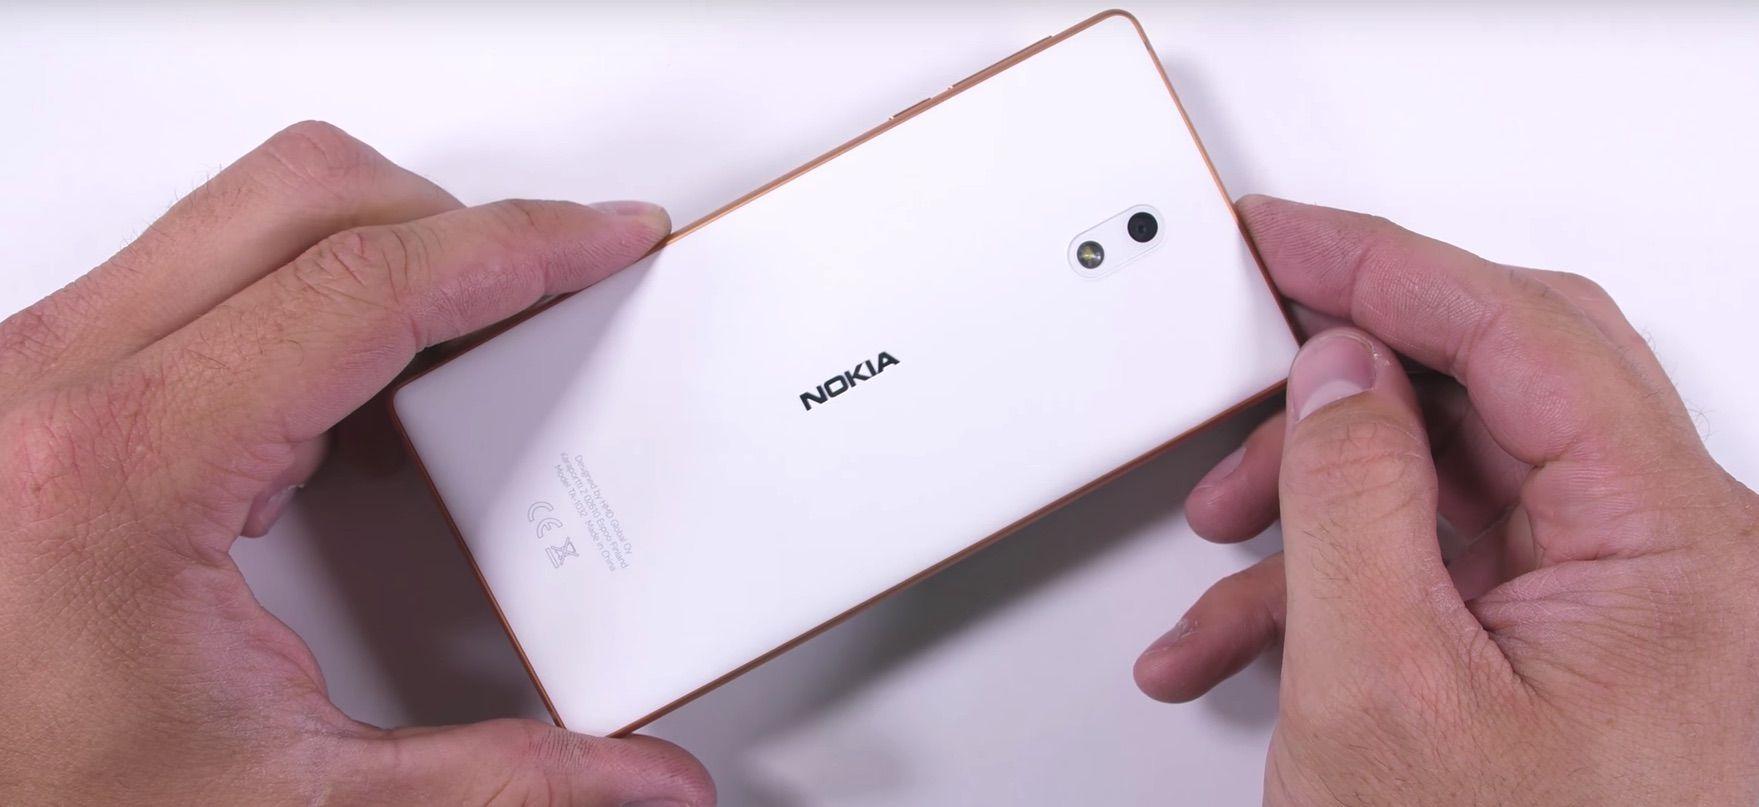 Nokia-3-Durability-Test-3